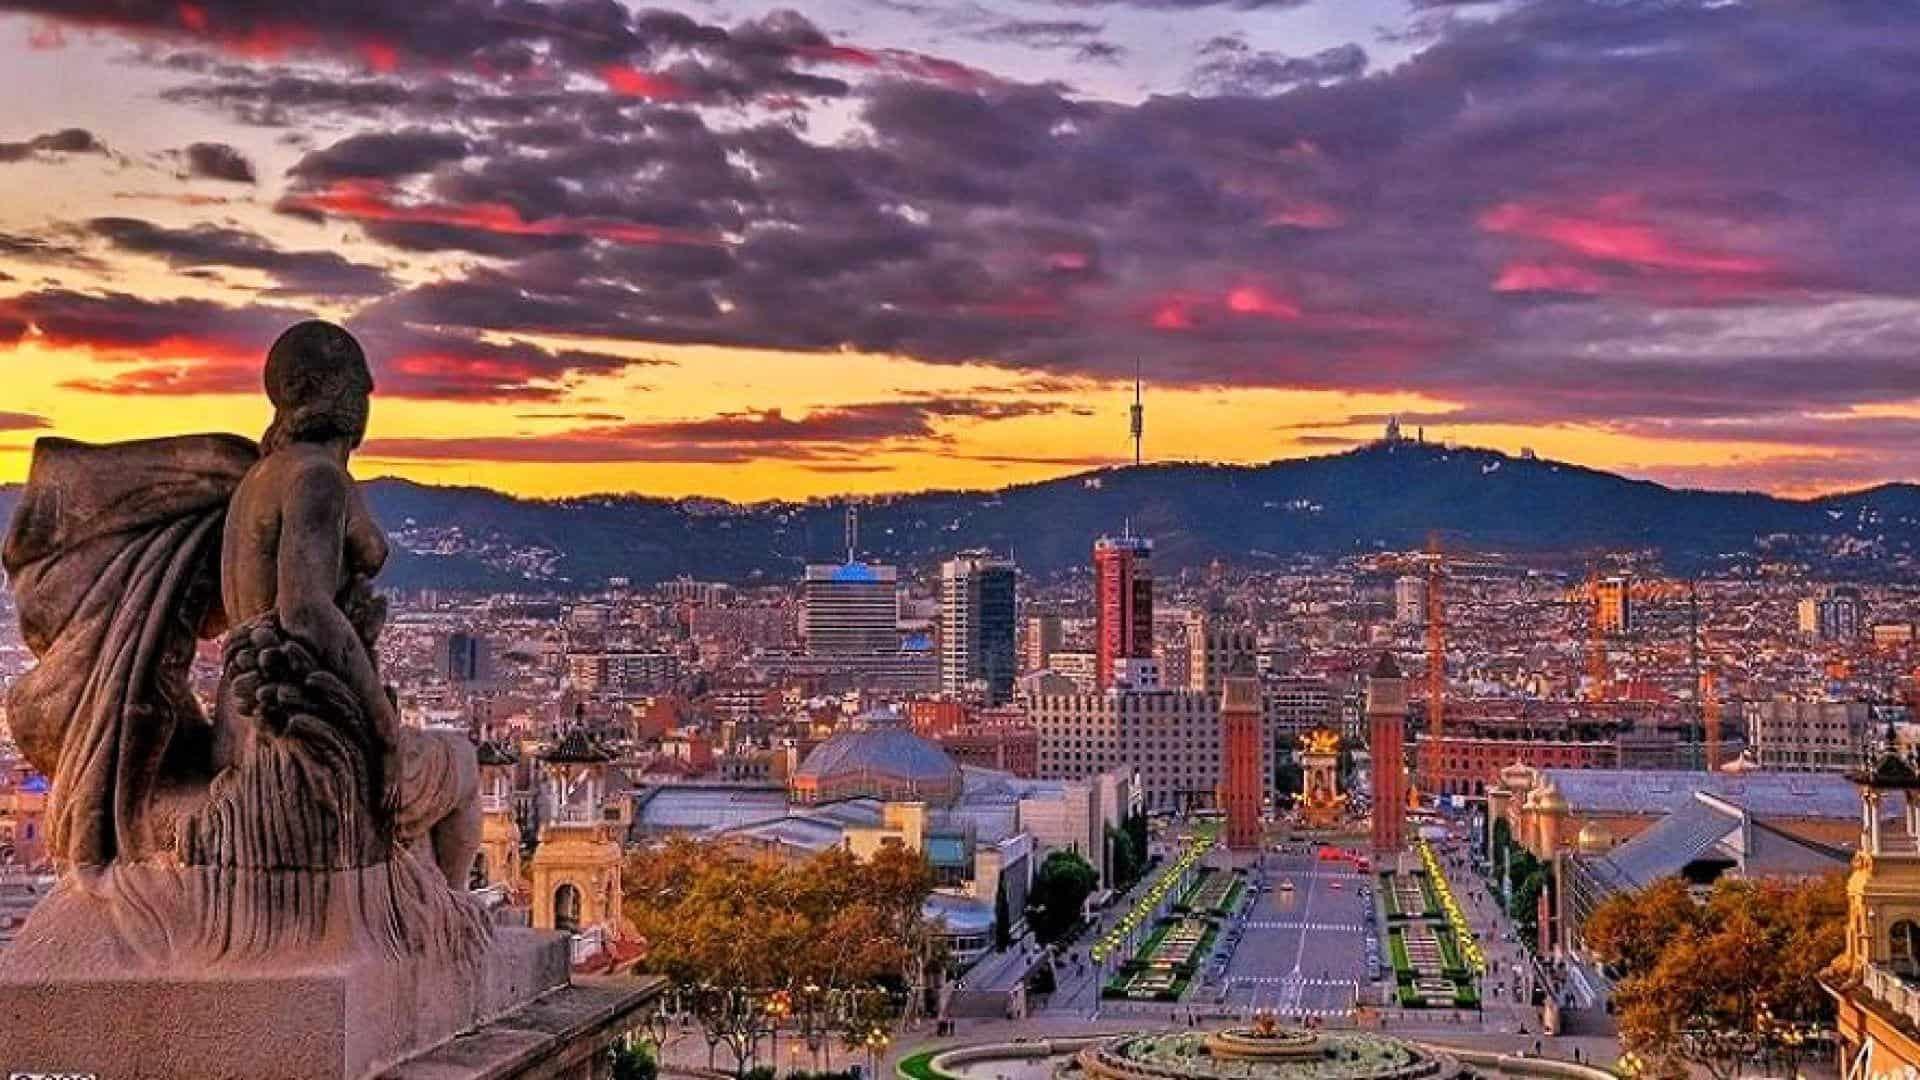 افضل 7 شقق في برشلونة الرامبلا موصى بها 2019